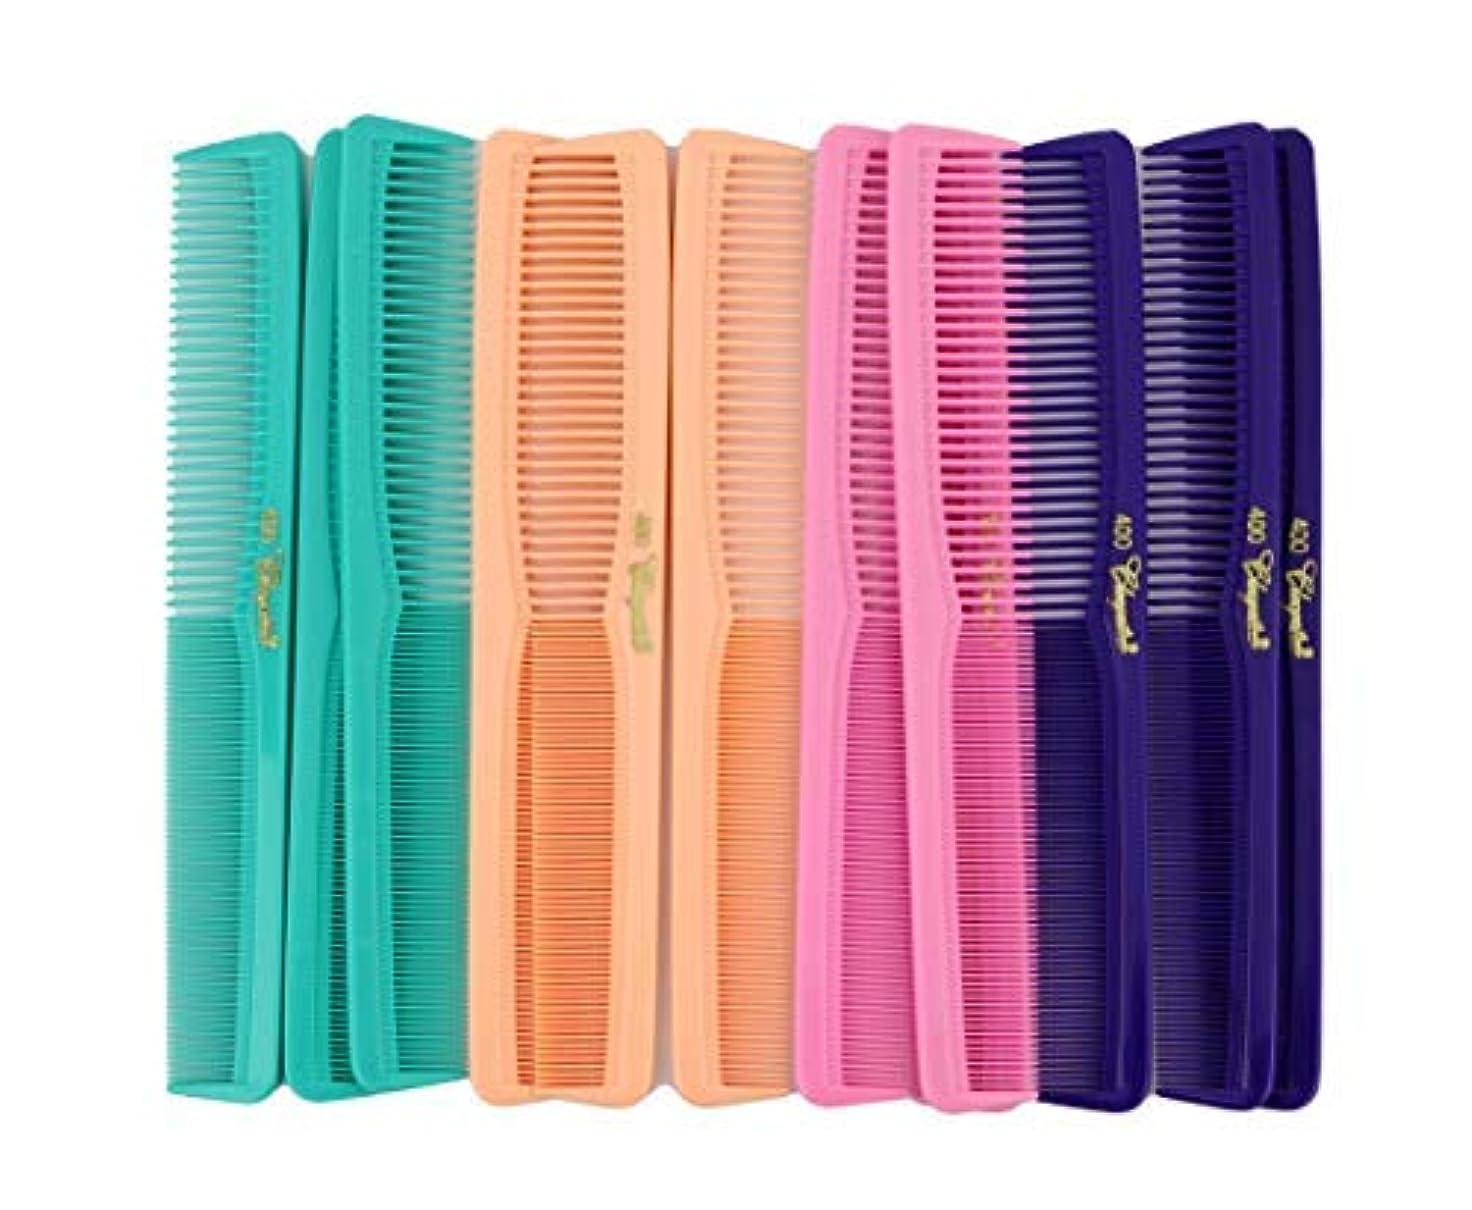 悲惨な検査後者7 inch All Purpose Hair Comb. Hair Cutting Combs. Barber's & Hairstylist Combs. Fresh Mix 12 Units. [並行輸入品]